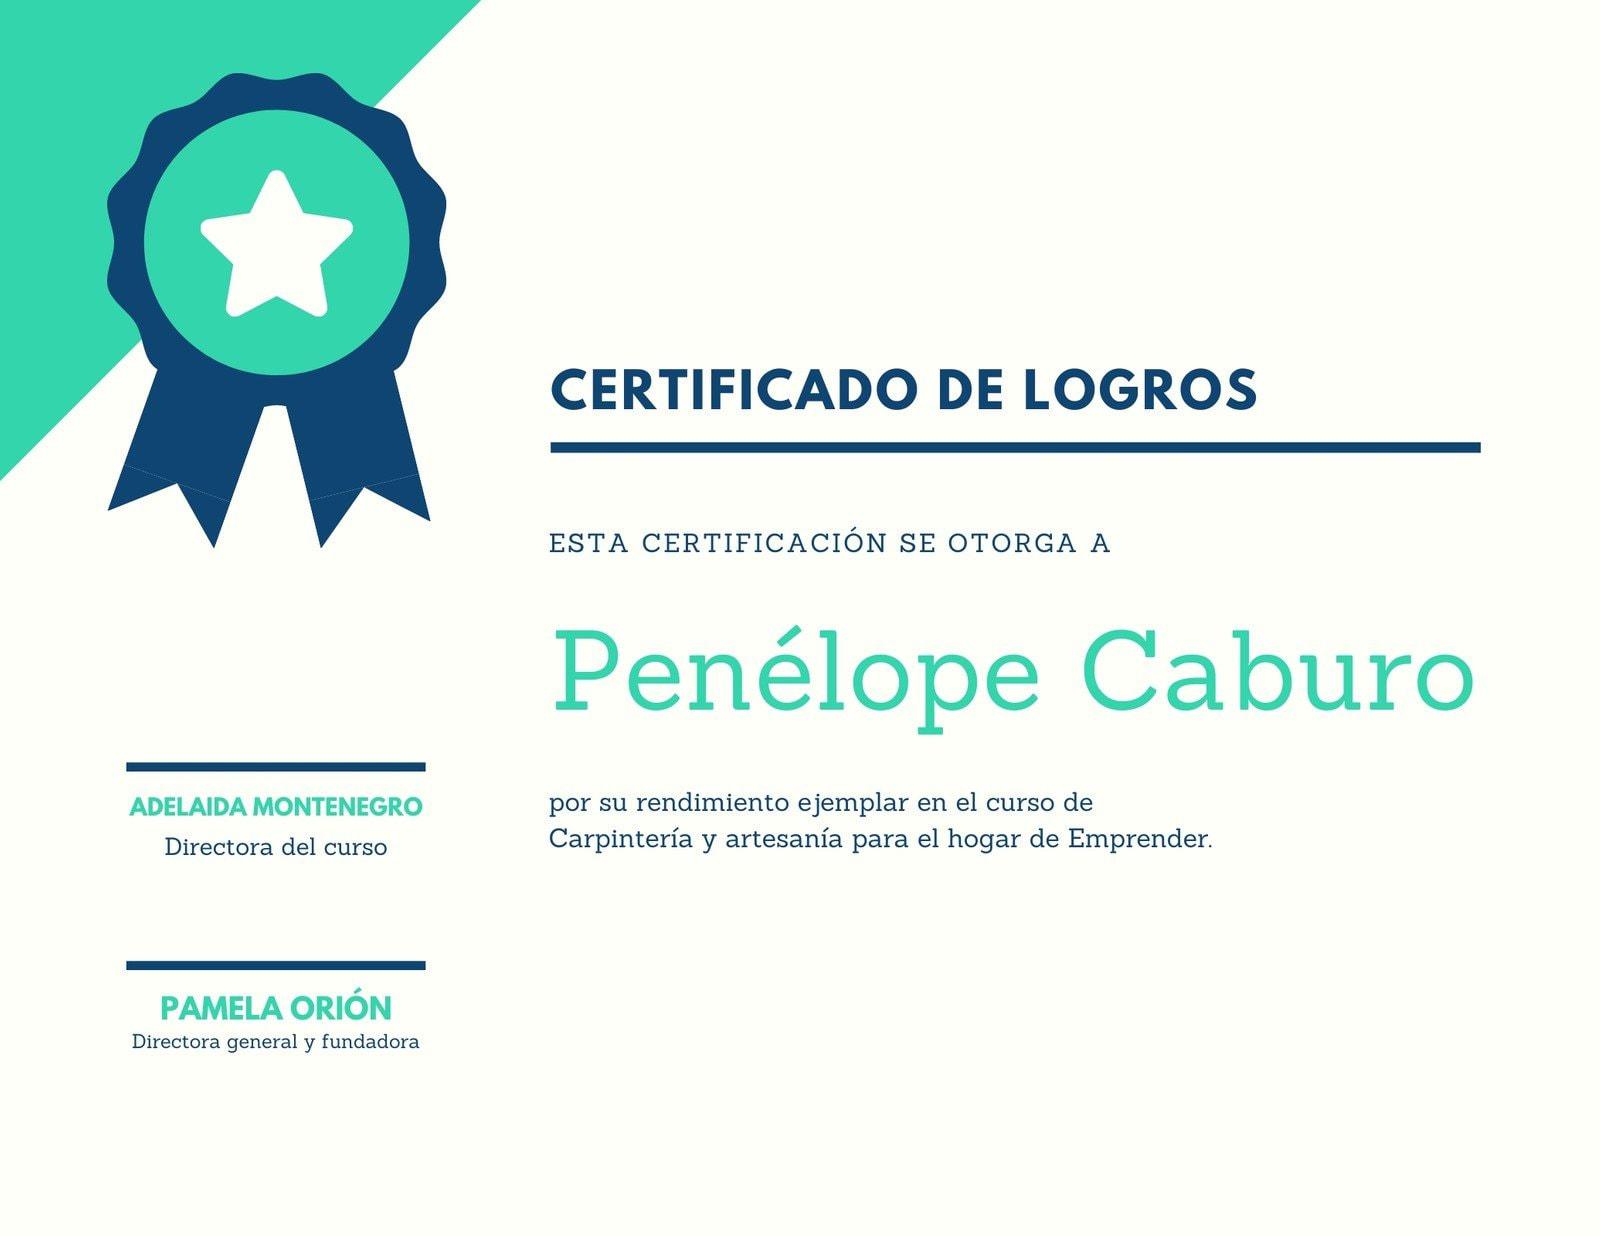 Azul Verde Galardón Logro Certificado